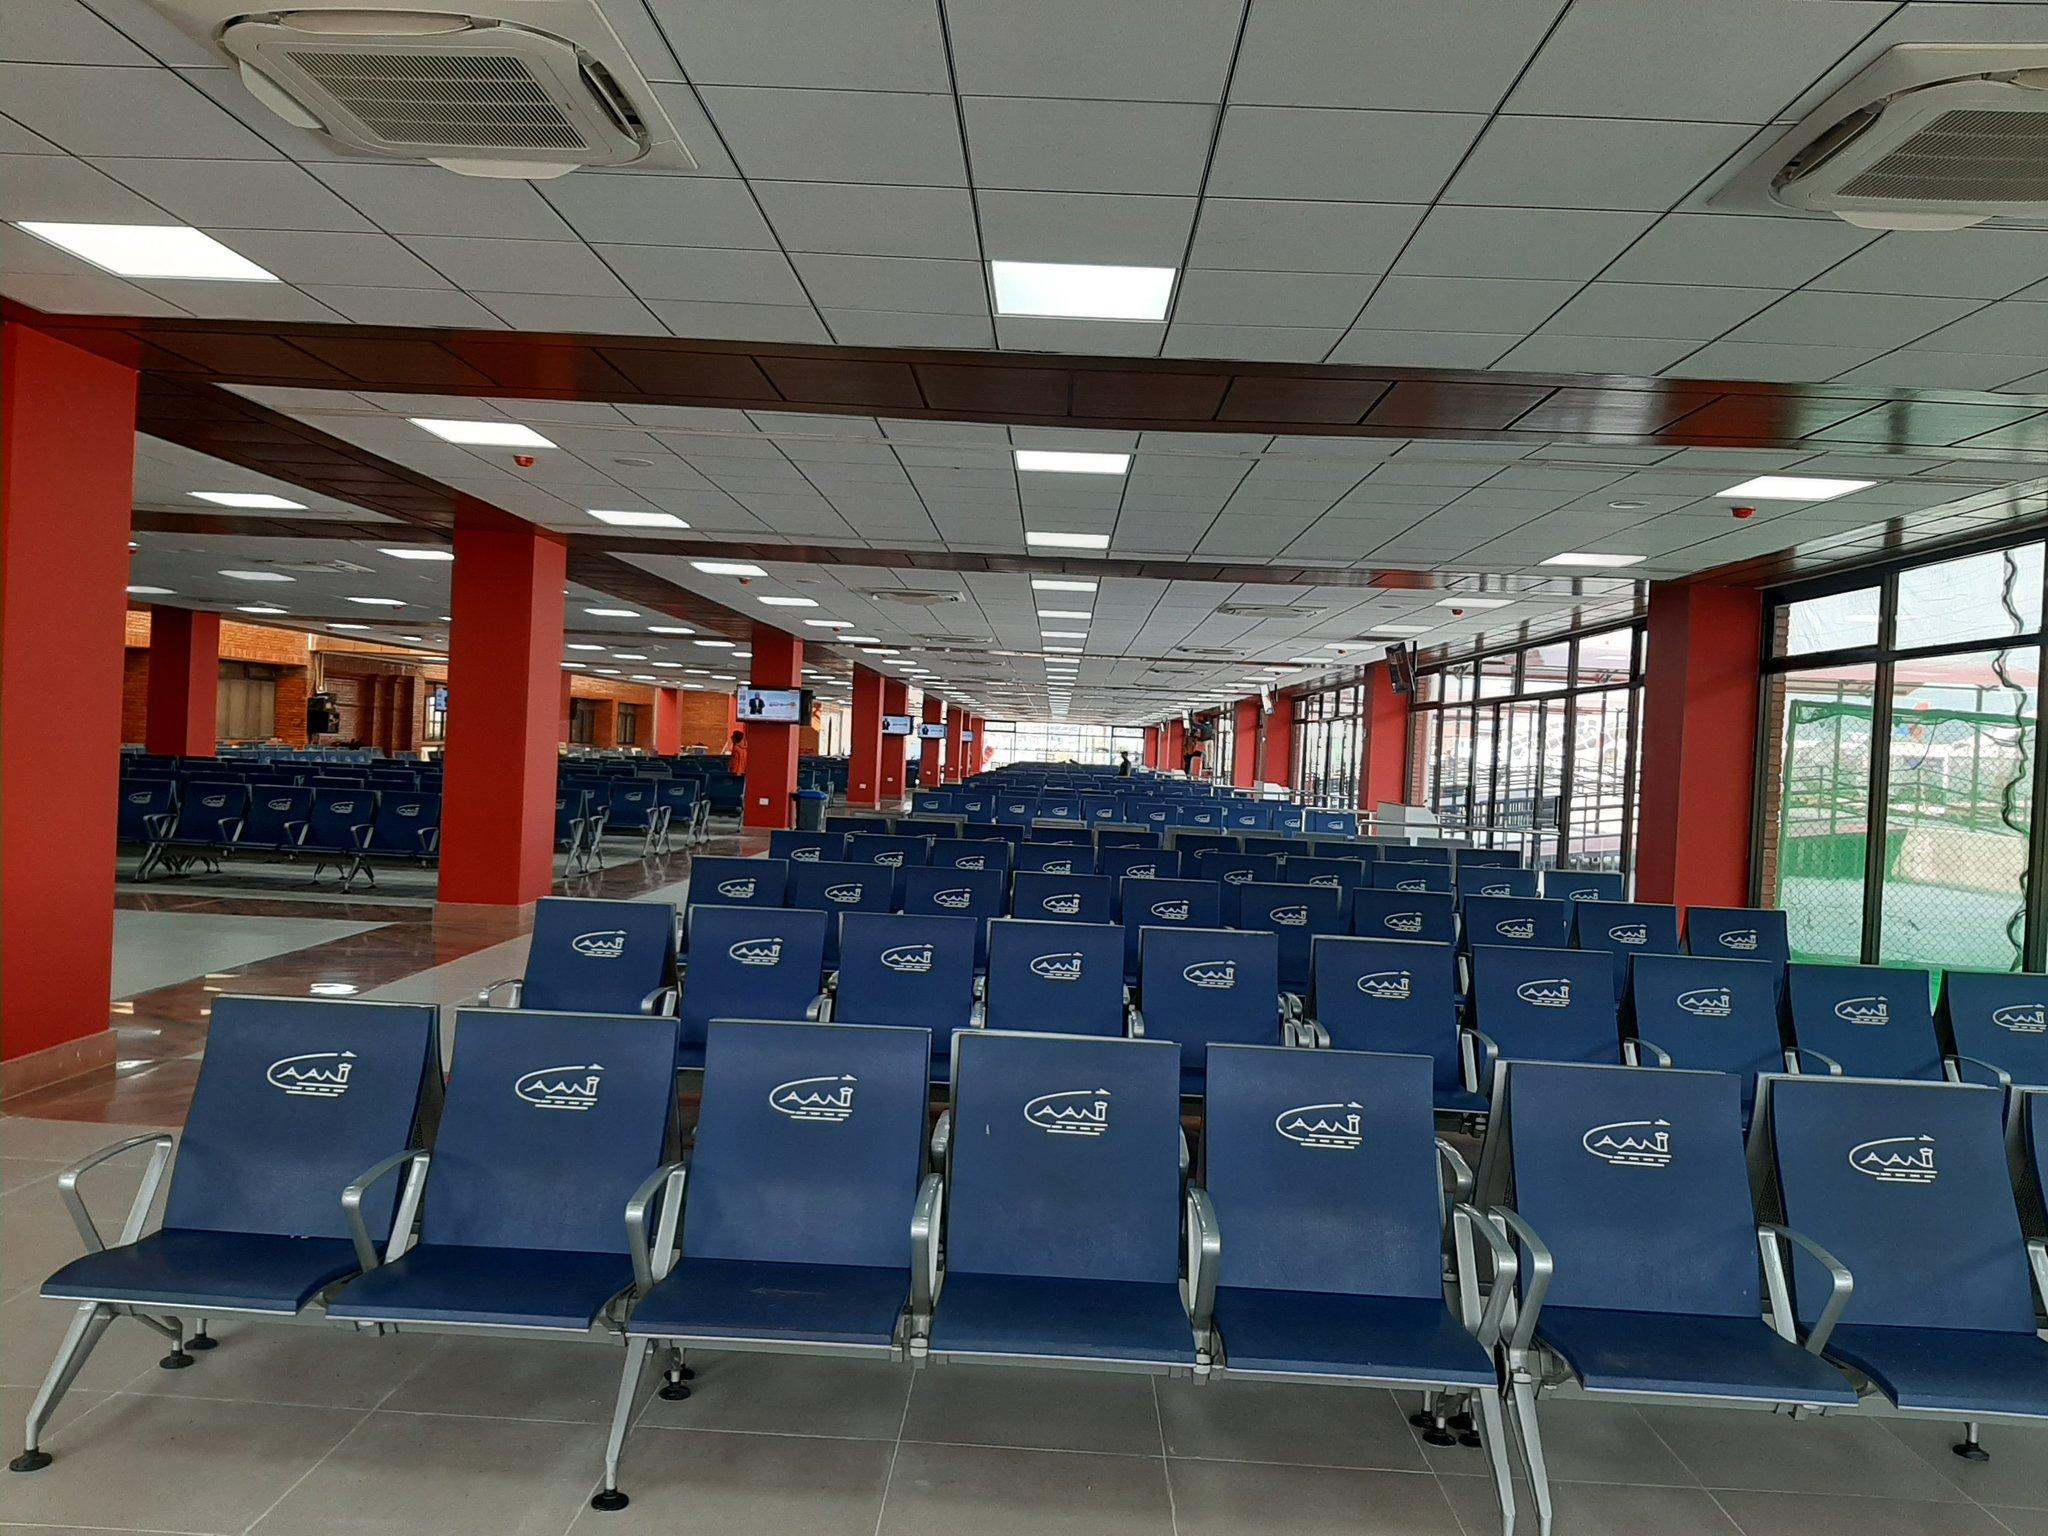 TIA departure hall. Photo Courtesy: CAAN